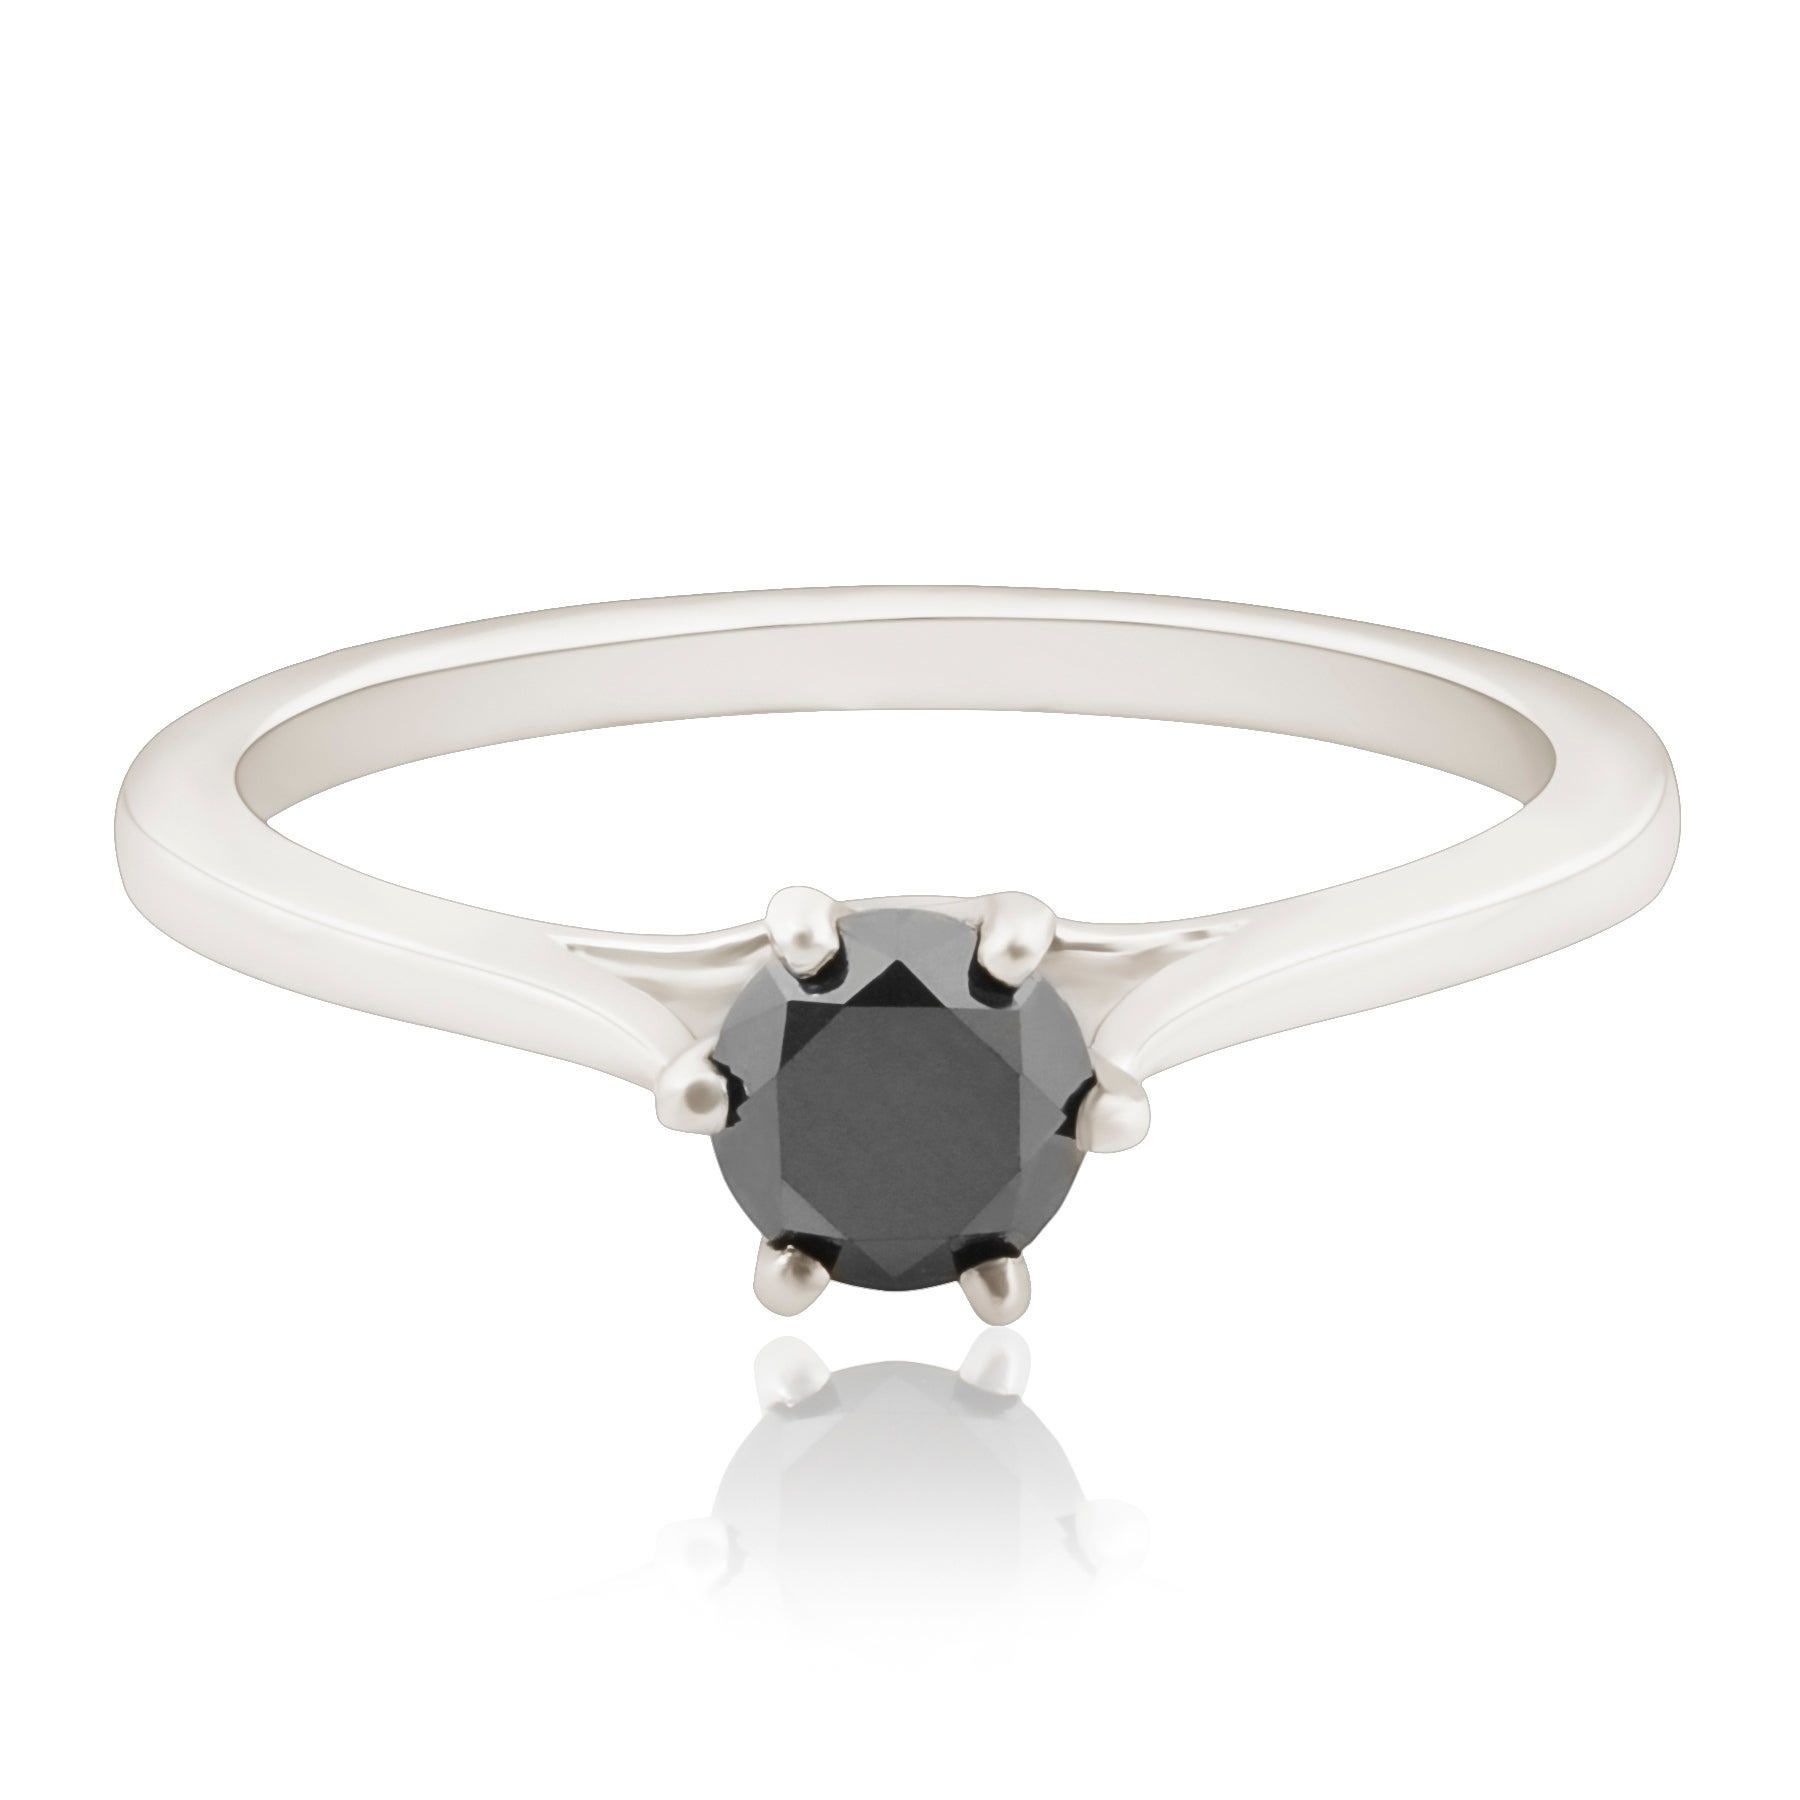 Sixg Set 0 28 Carat Black Diamond Solitaire En Ement Ring